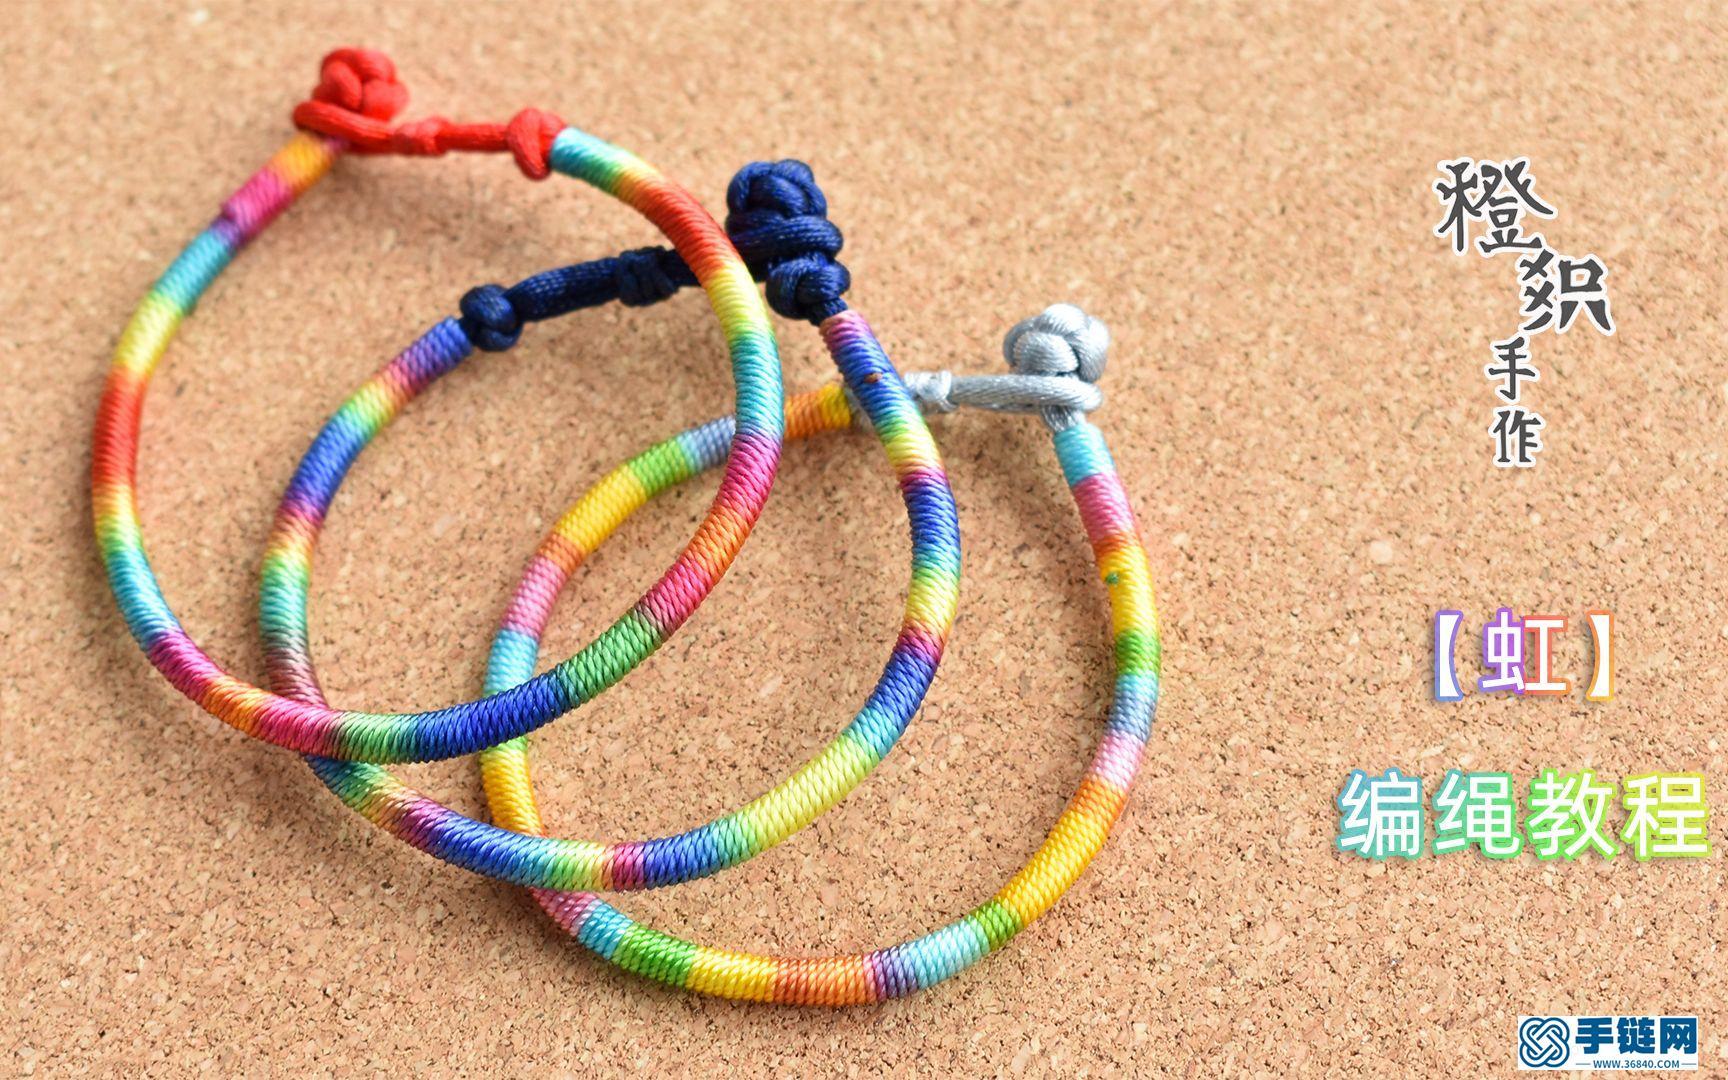 手工编绳虹 五彩绕线手绳教程 纽扣结版 一款美丽的多彩手绳 腕间彩虹~